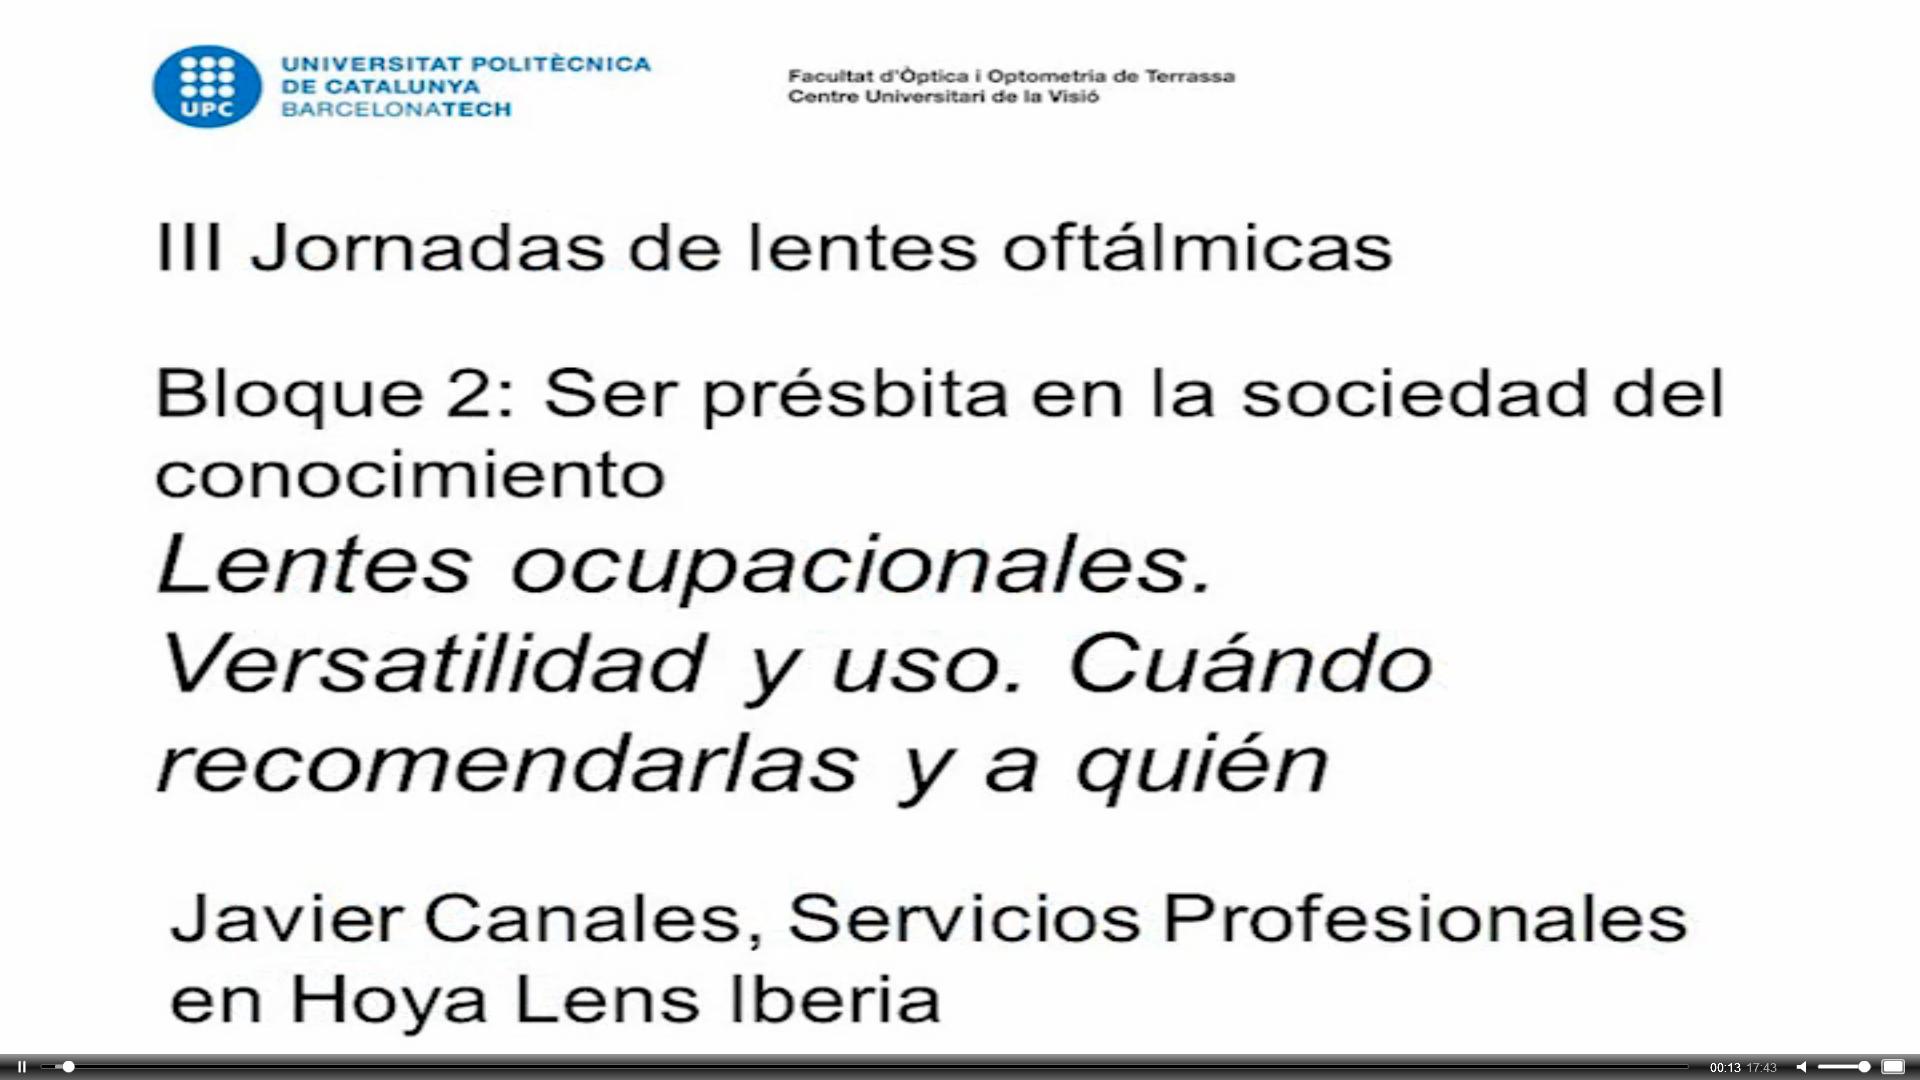 JLO2016_lentes_oftalmicas_ocupacionales(Javier_Canales-Hoya)